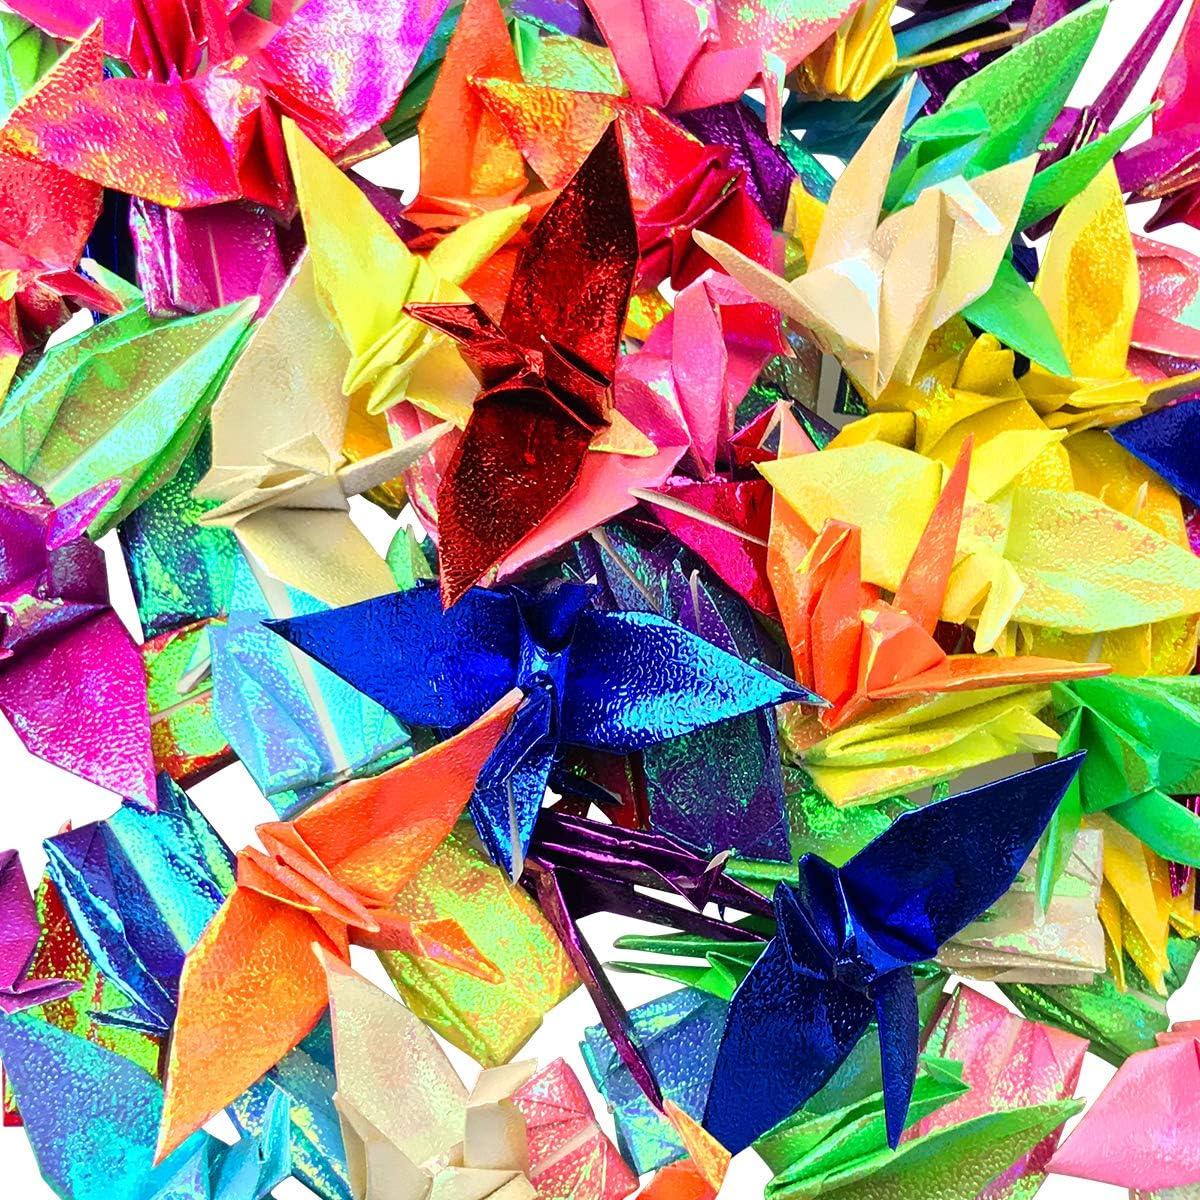 Amazon.com: Cieovo - Guirnalda de papel de origami, con ...